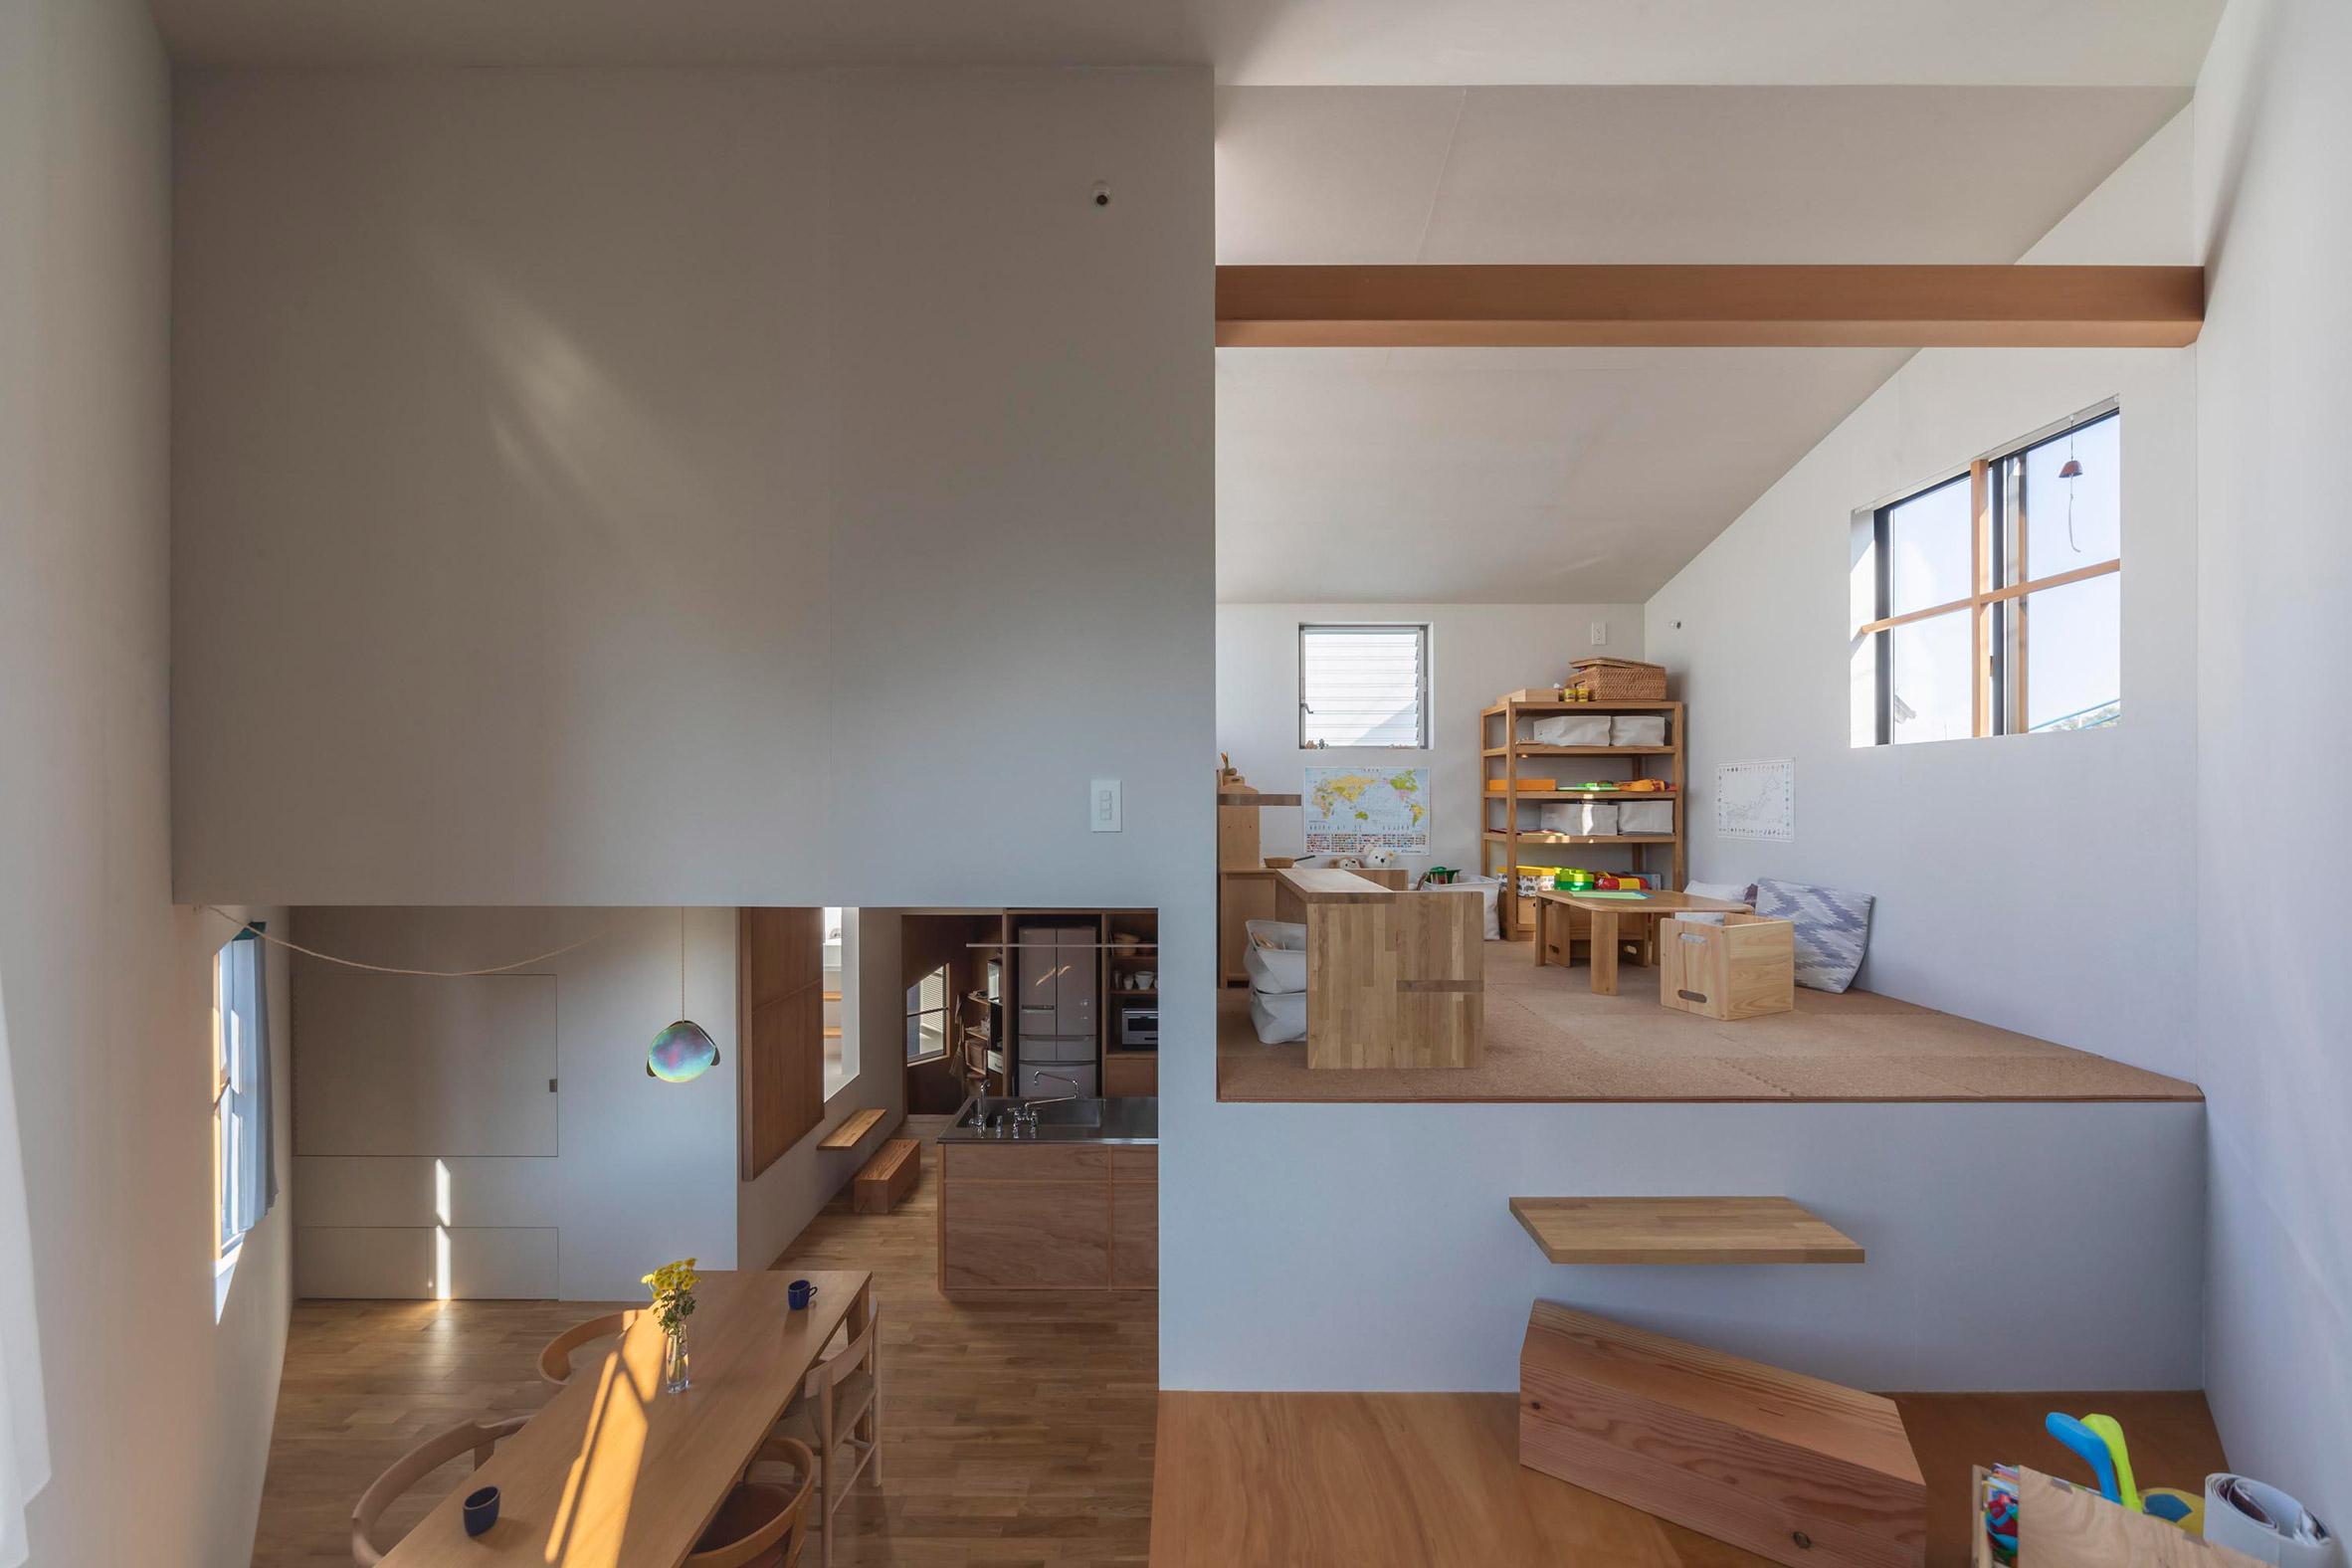 Thiết kế nội thất căn hộ nhỏ 19